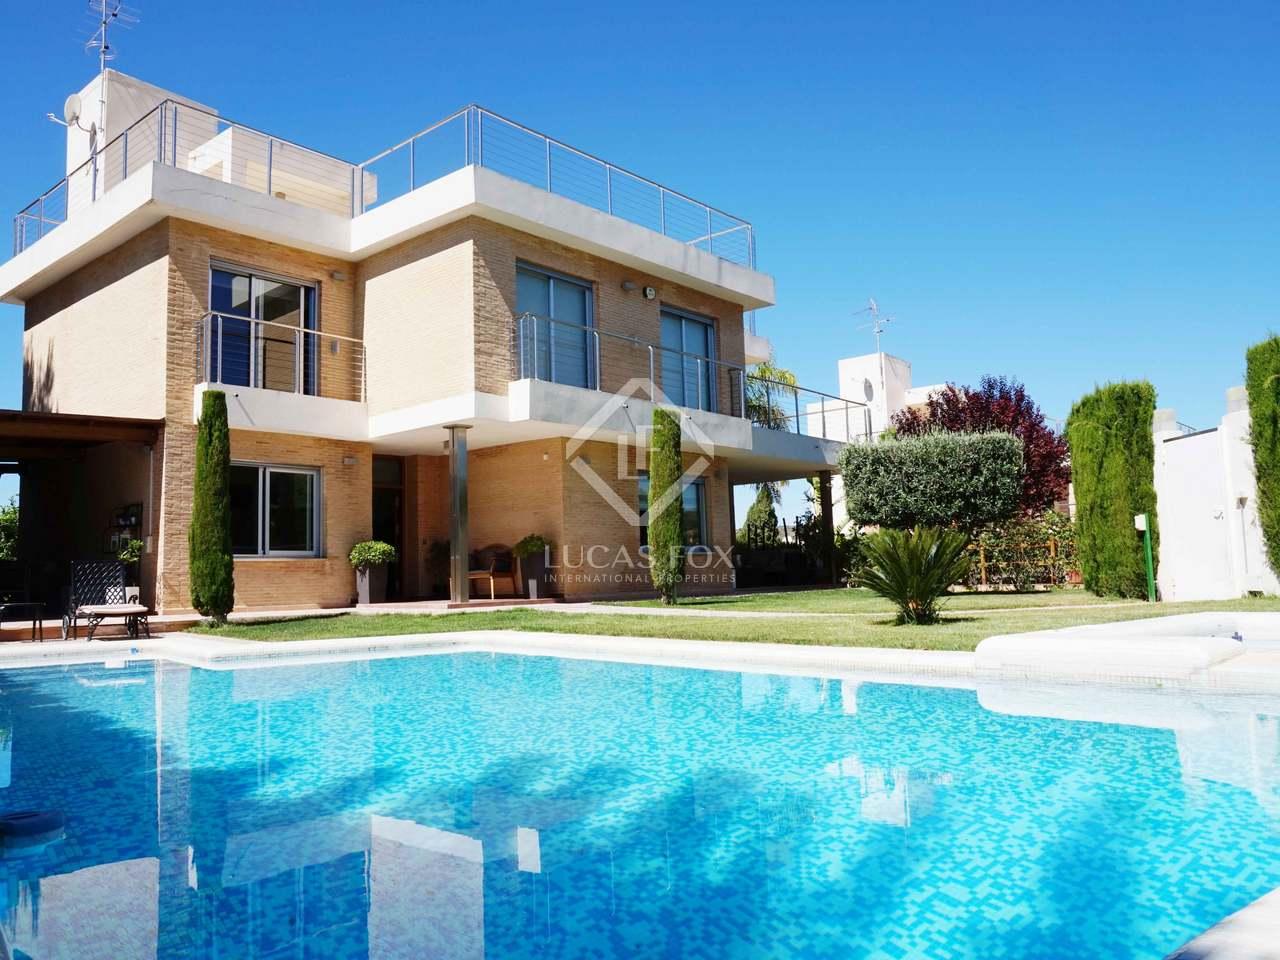 Chalet con piscina a la venta en alfinach valencia - Chalet con piscina ...